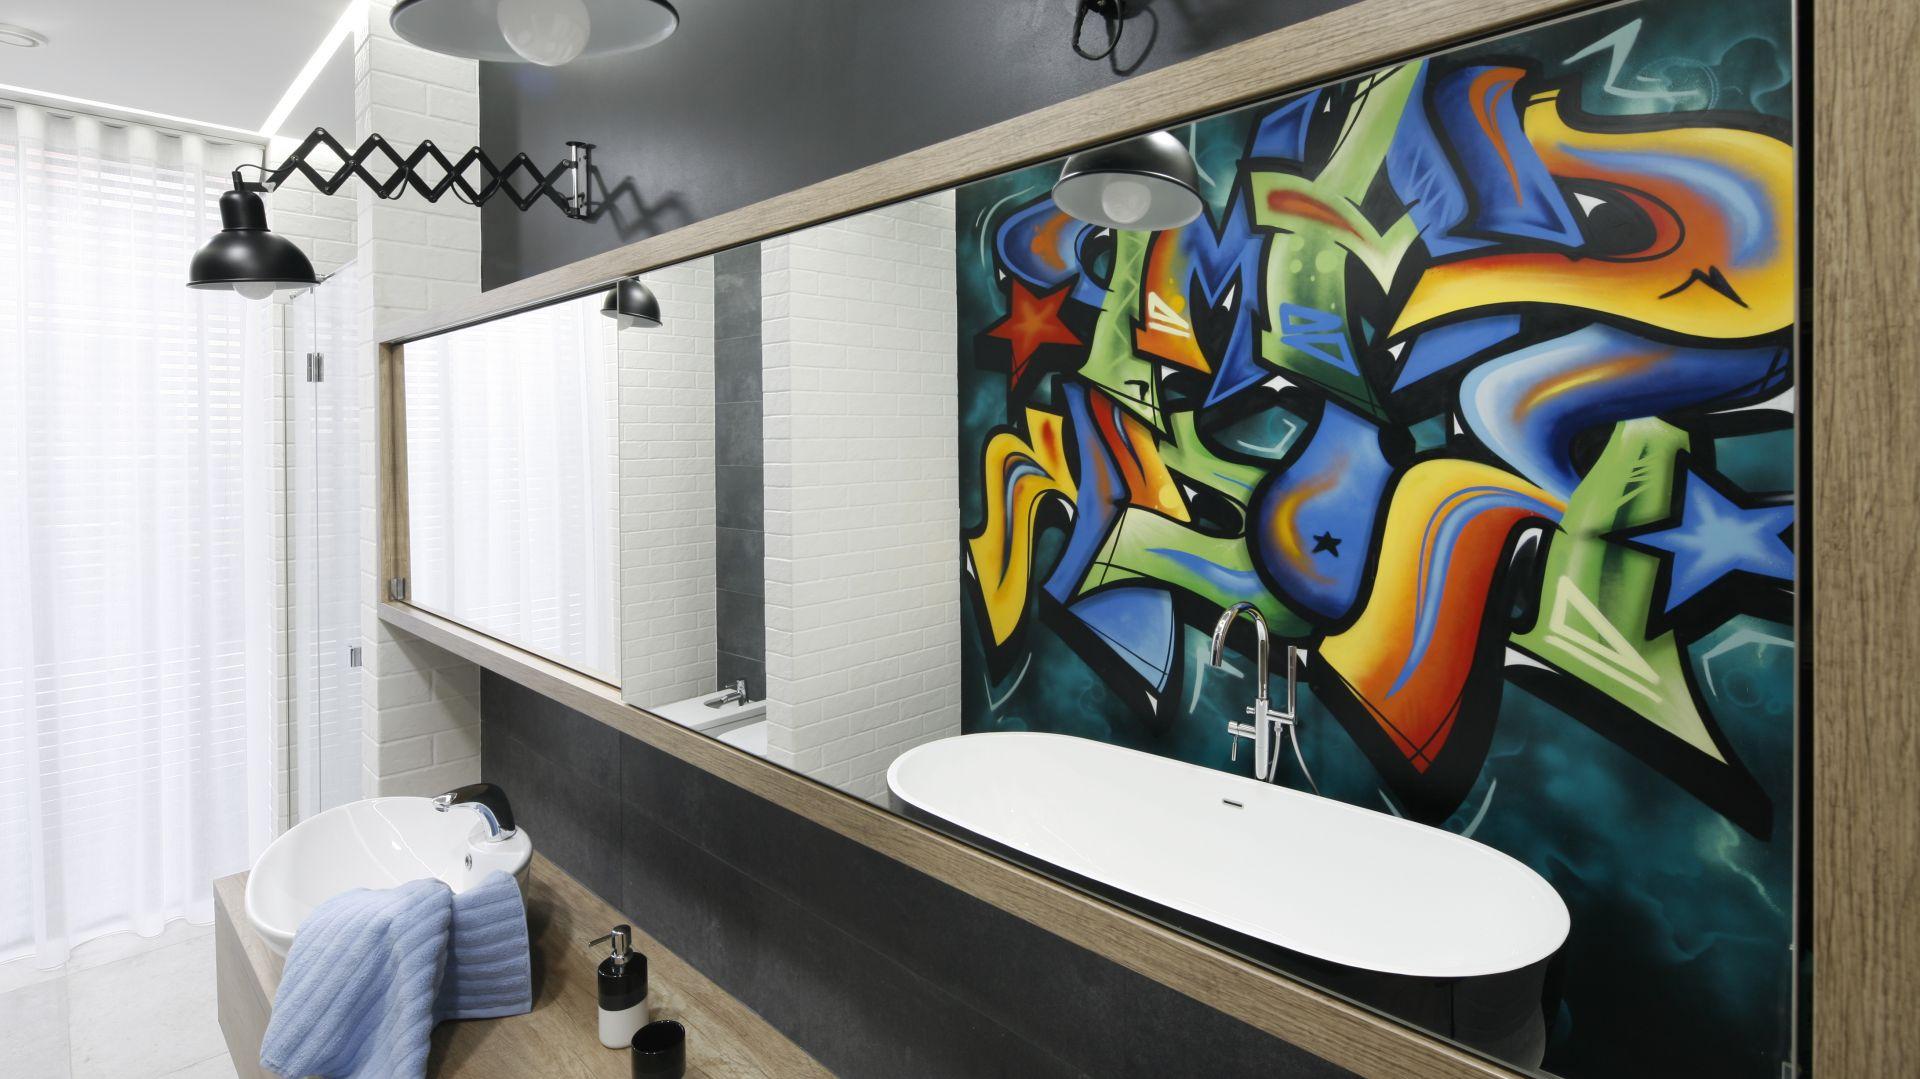 Pomysł na ścianę w łazience: prawdziwe graffiti. Proj. Dariusz Grabowski. Fot. Bartosz Jarosz